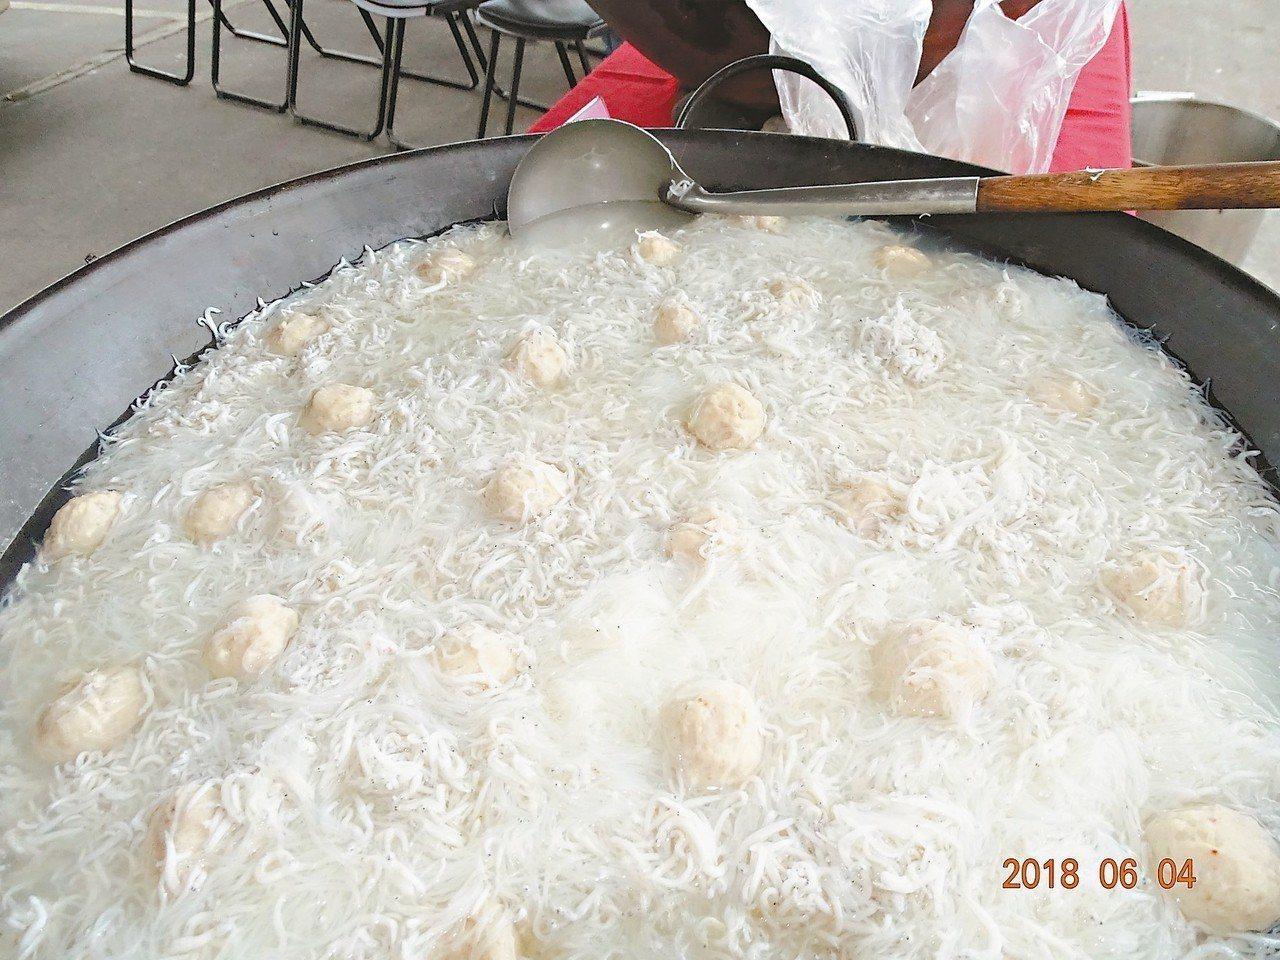 「吻仔魚湯米粉」湯頭好,是很多人的最愛。 圖/蘇澳鎮公所提供